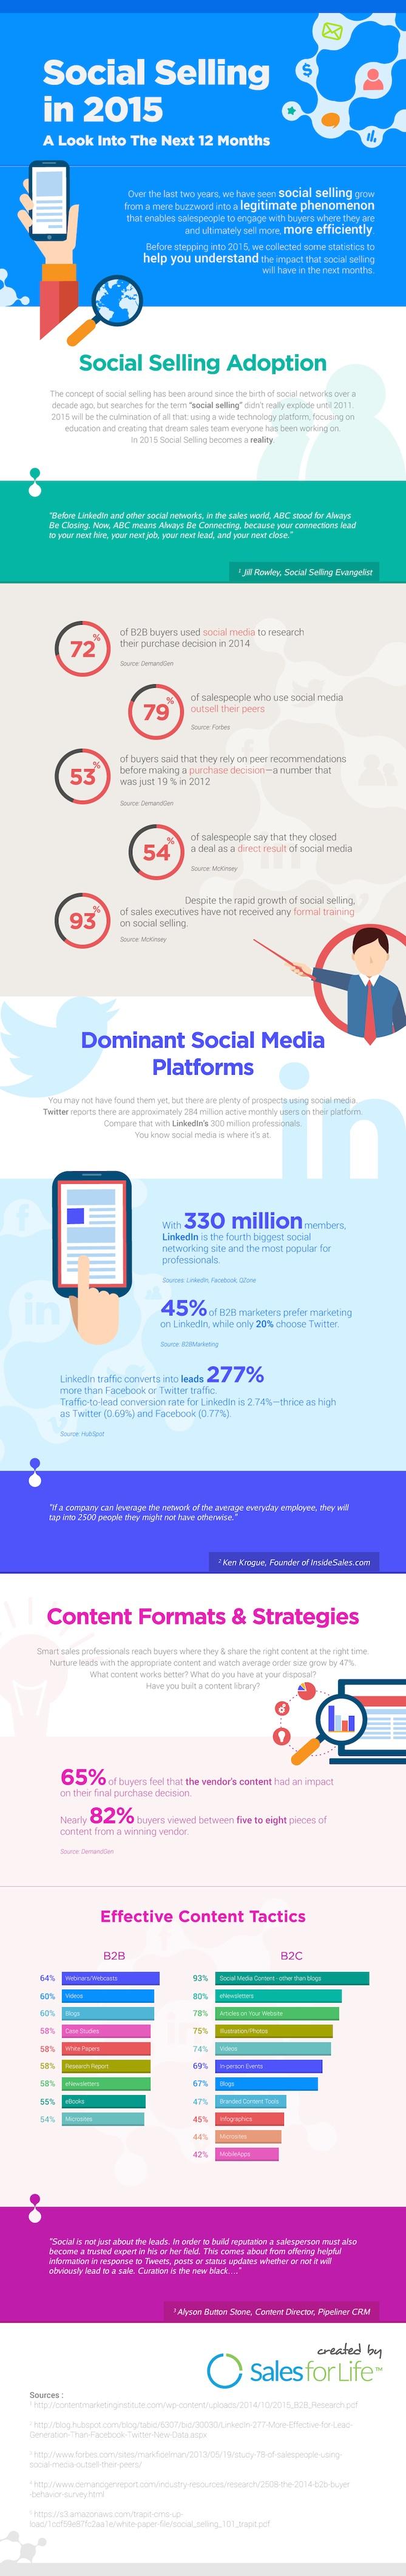 De toekomst van Social Selling